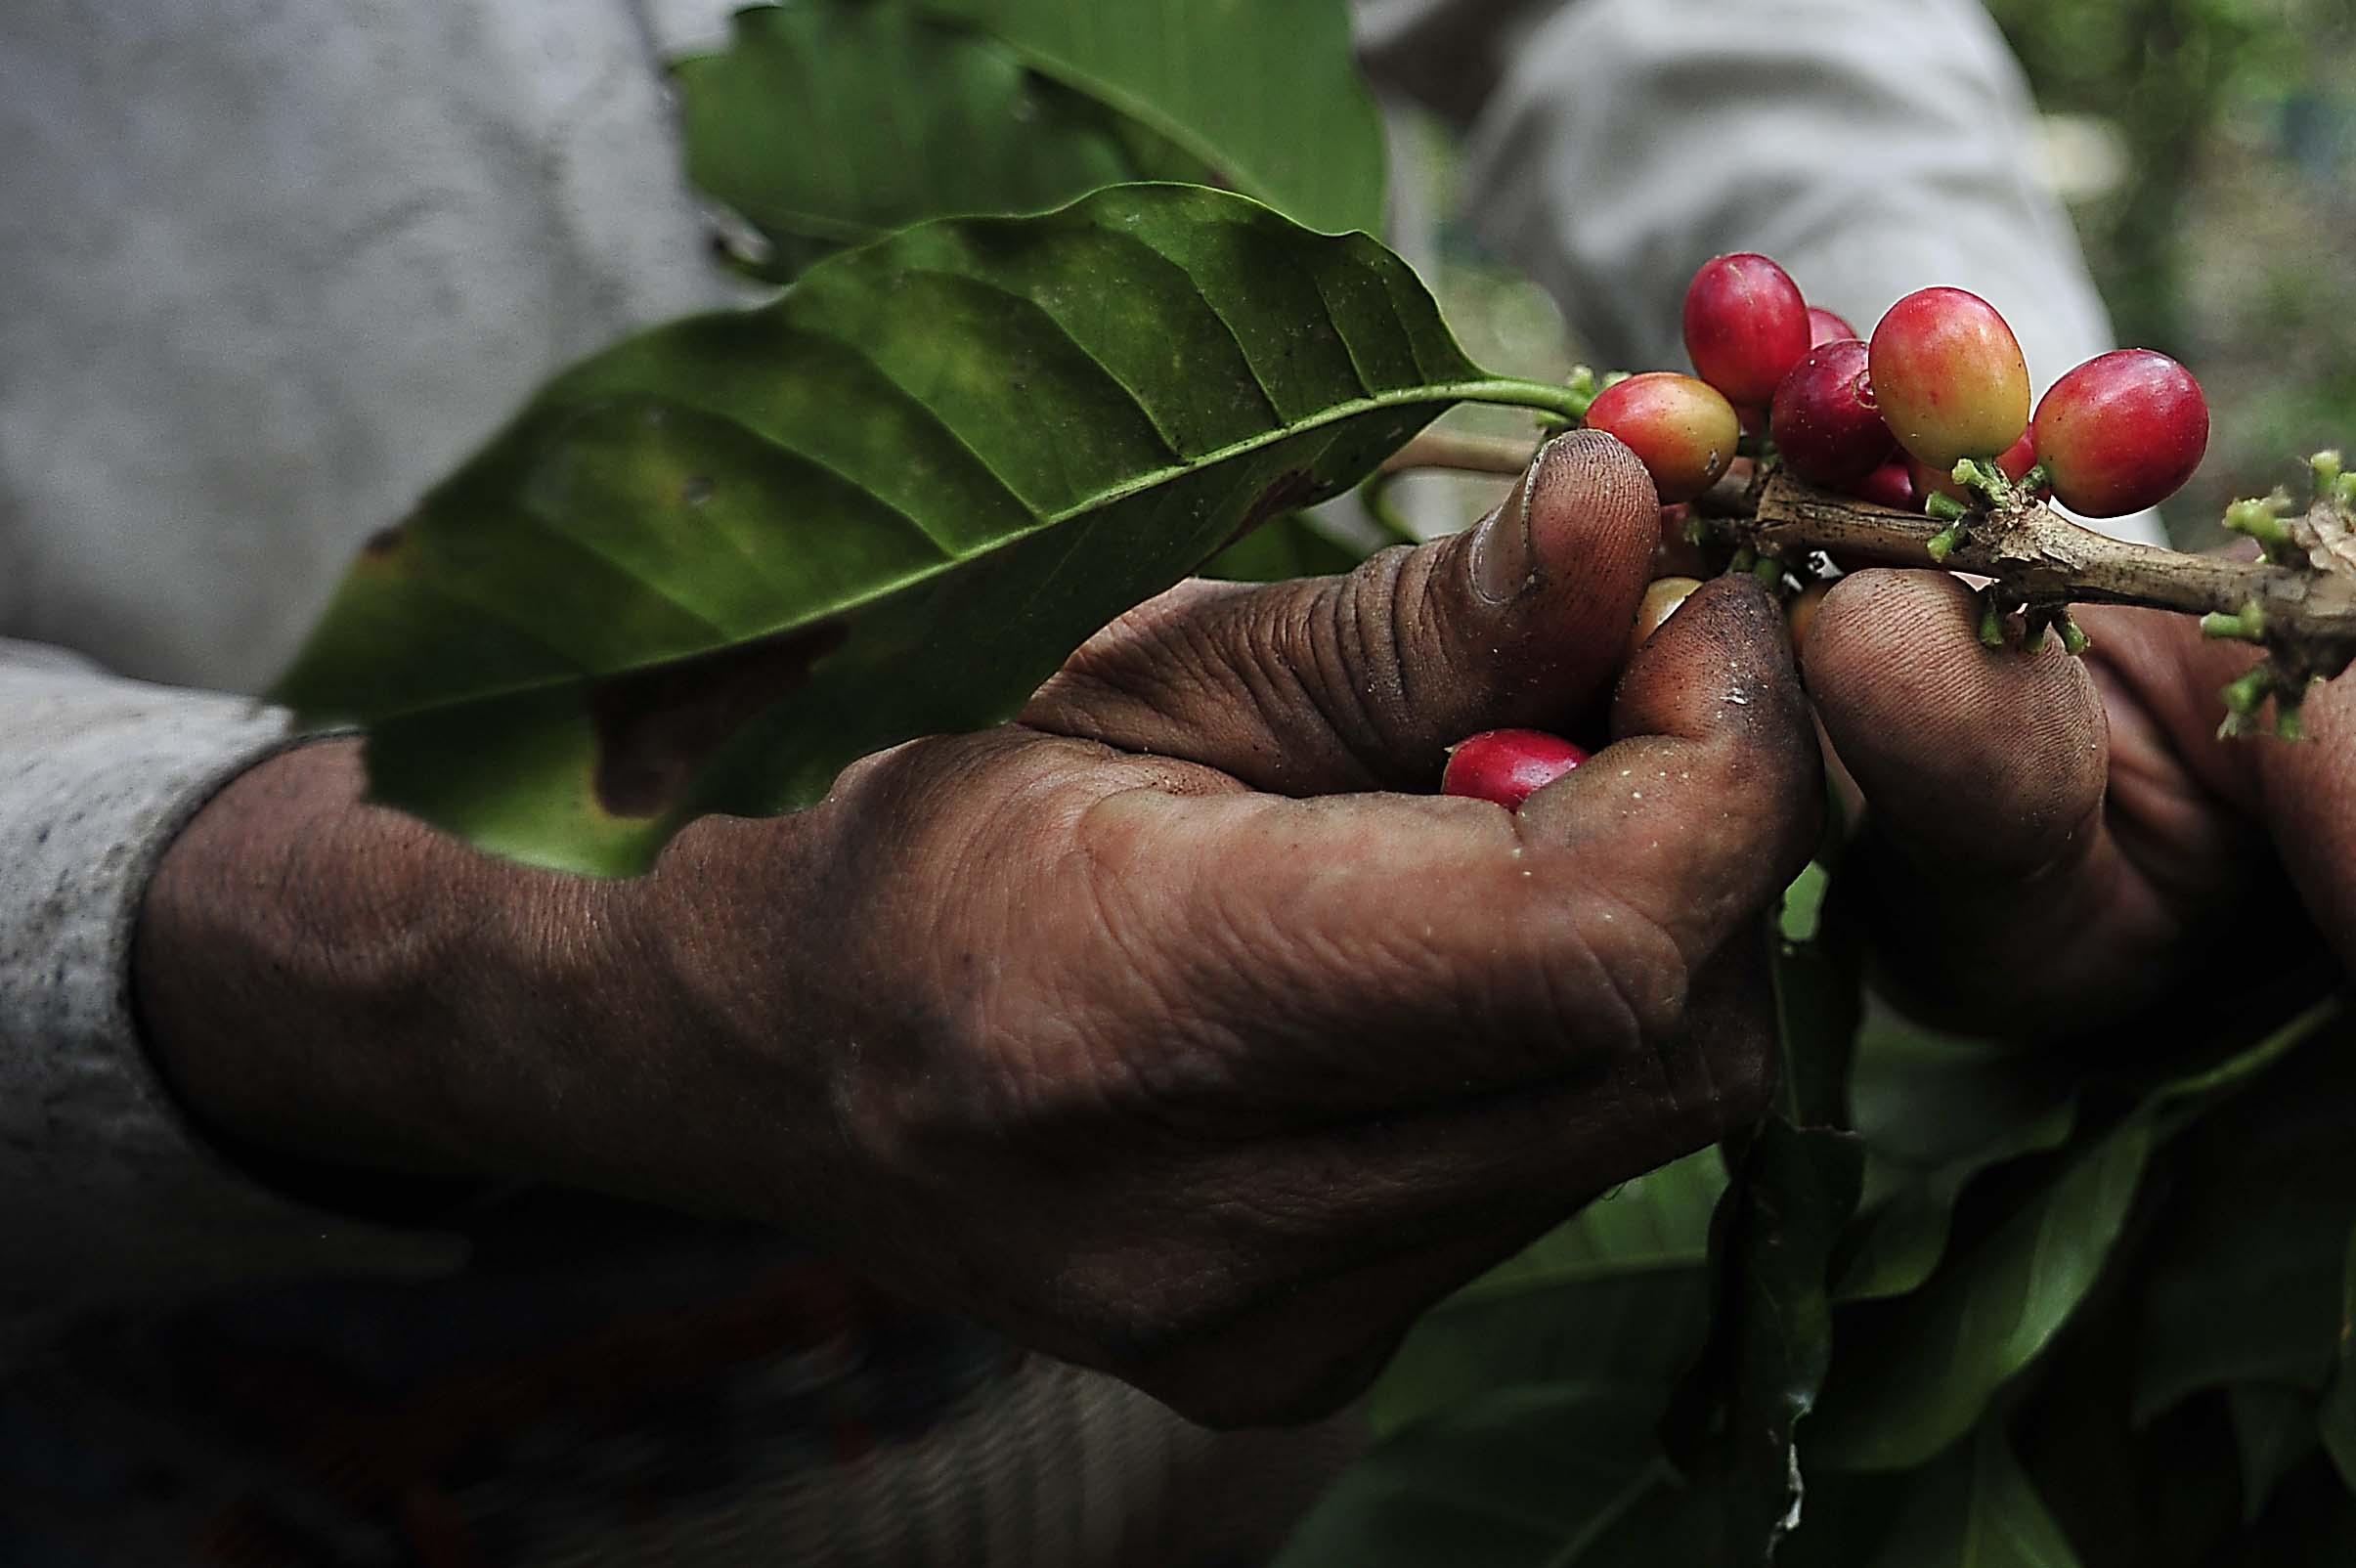 La burocracia impide rescatar a la cafeticultura: El Barzón